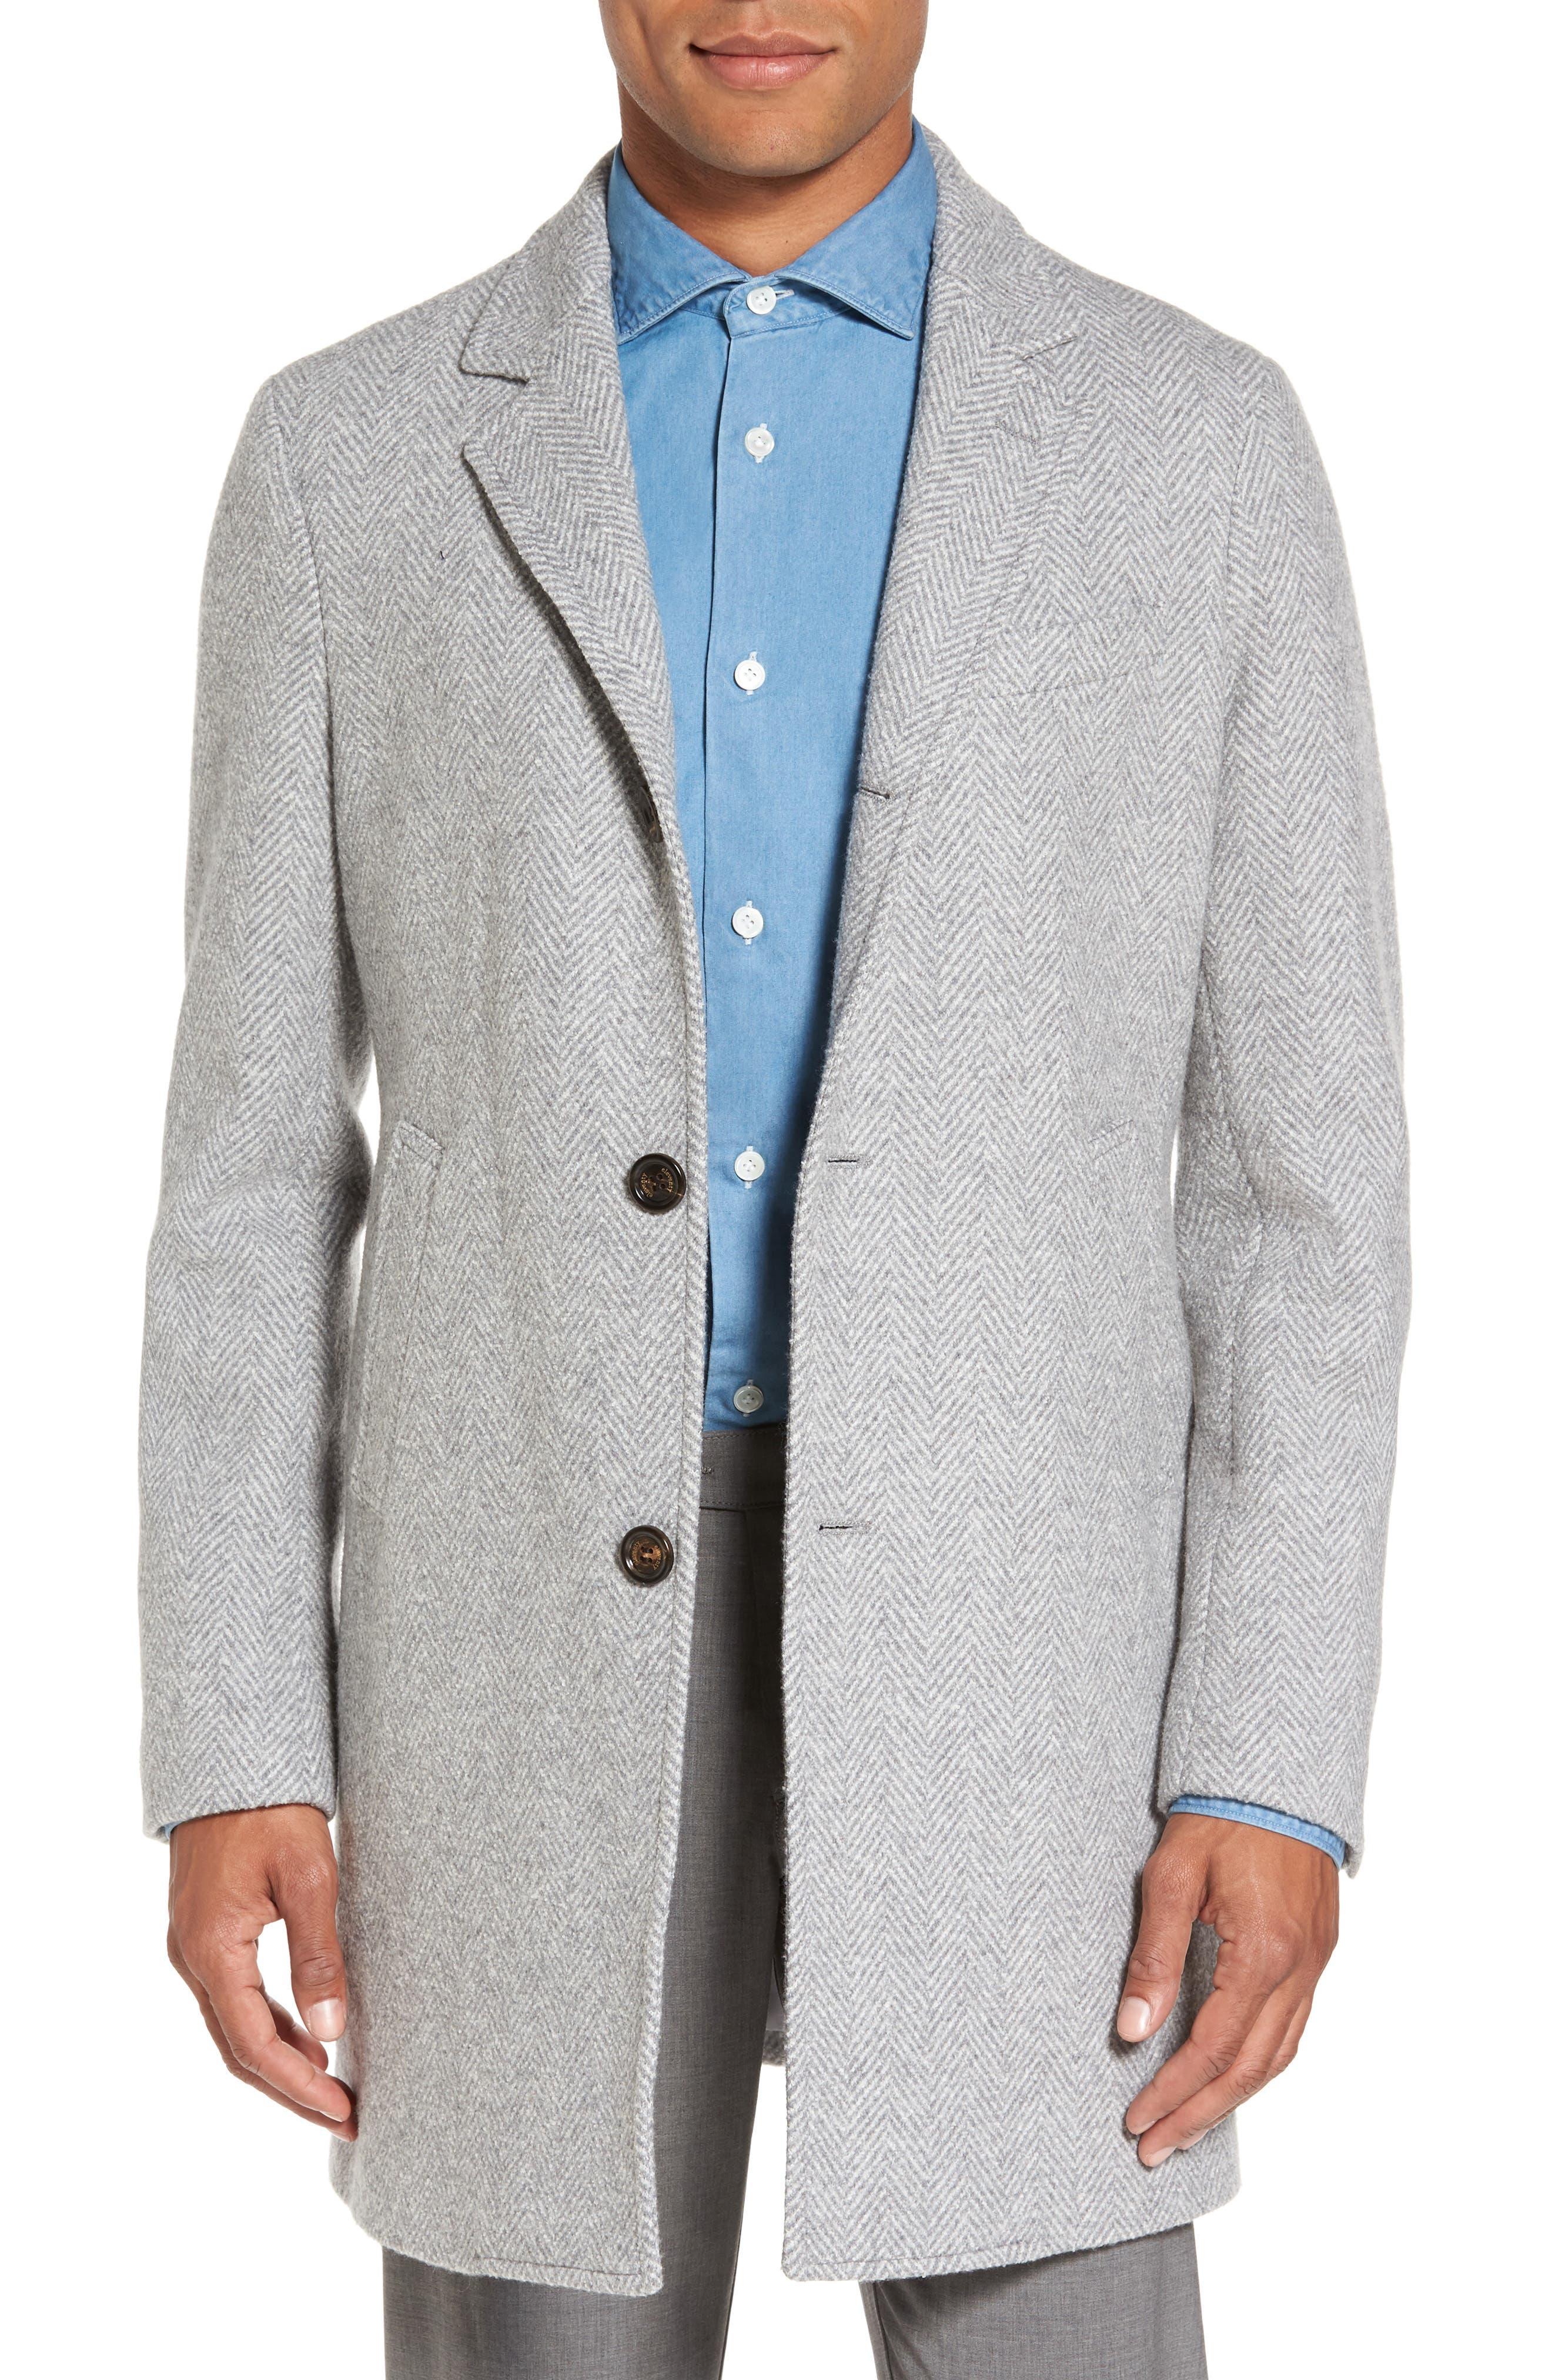 Main Image - Eleventy Herringbone Wool Blend Overcoat